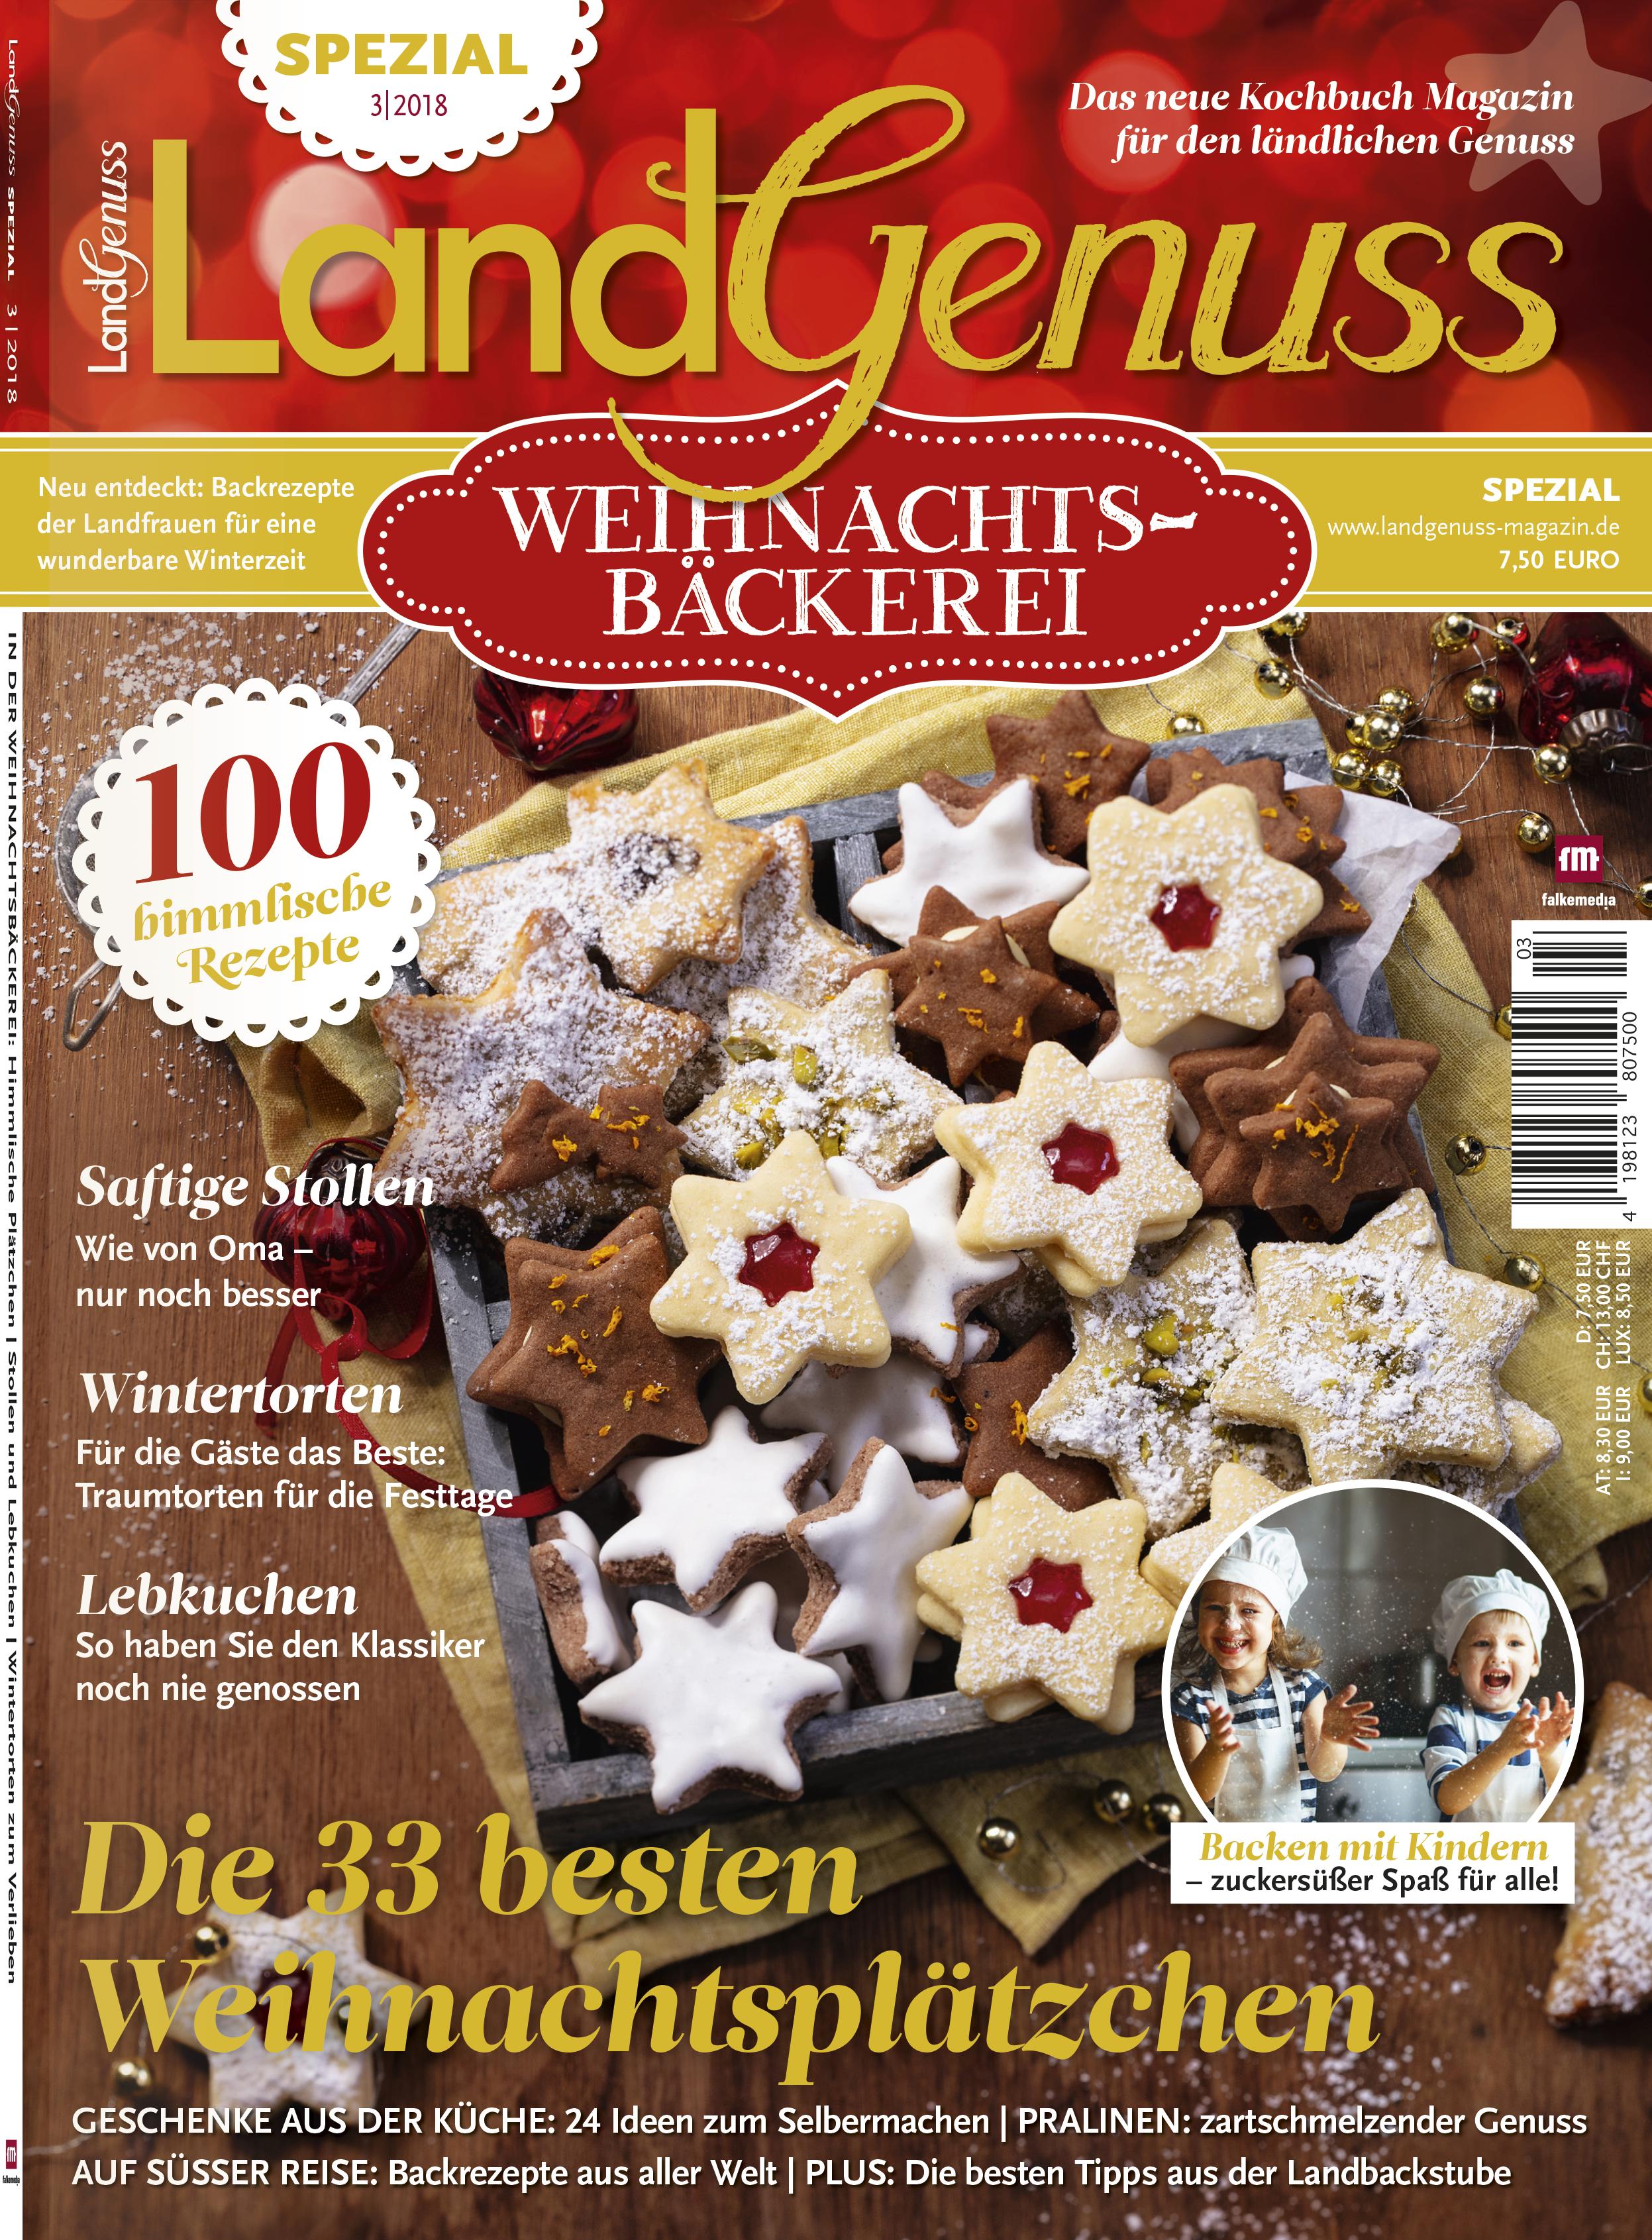 LandGenuss Spezial 03/2018 Weihnachten → Jetzt bei falkemedia ...